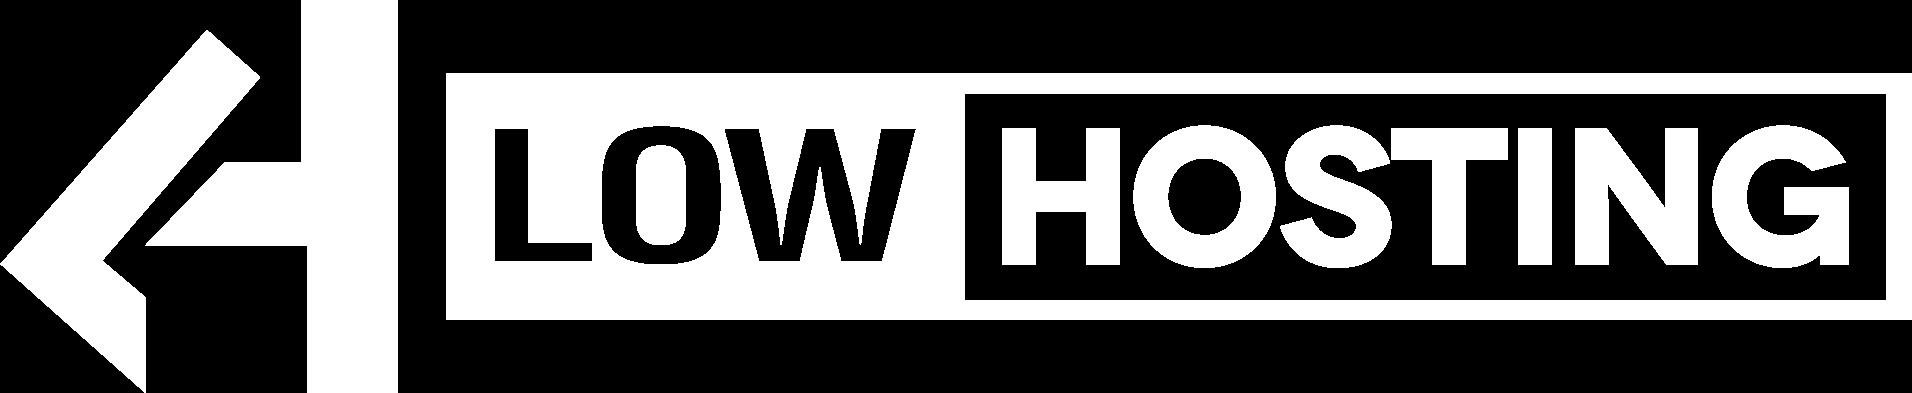 Lowhosting